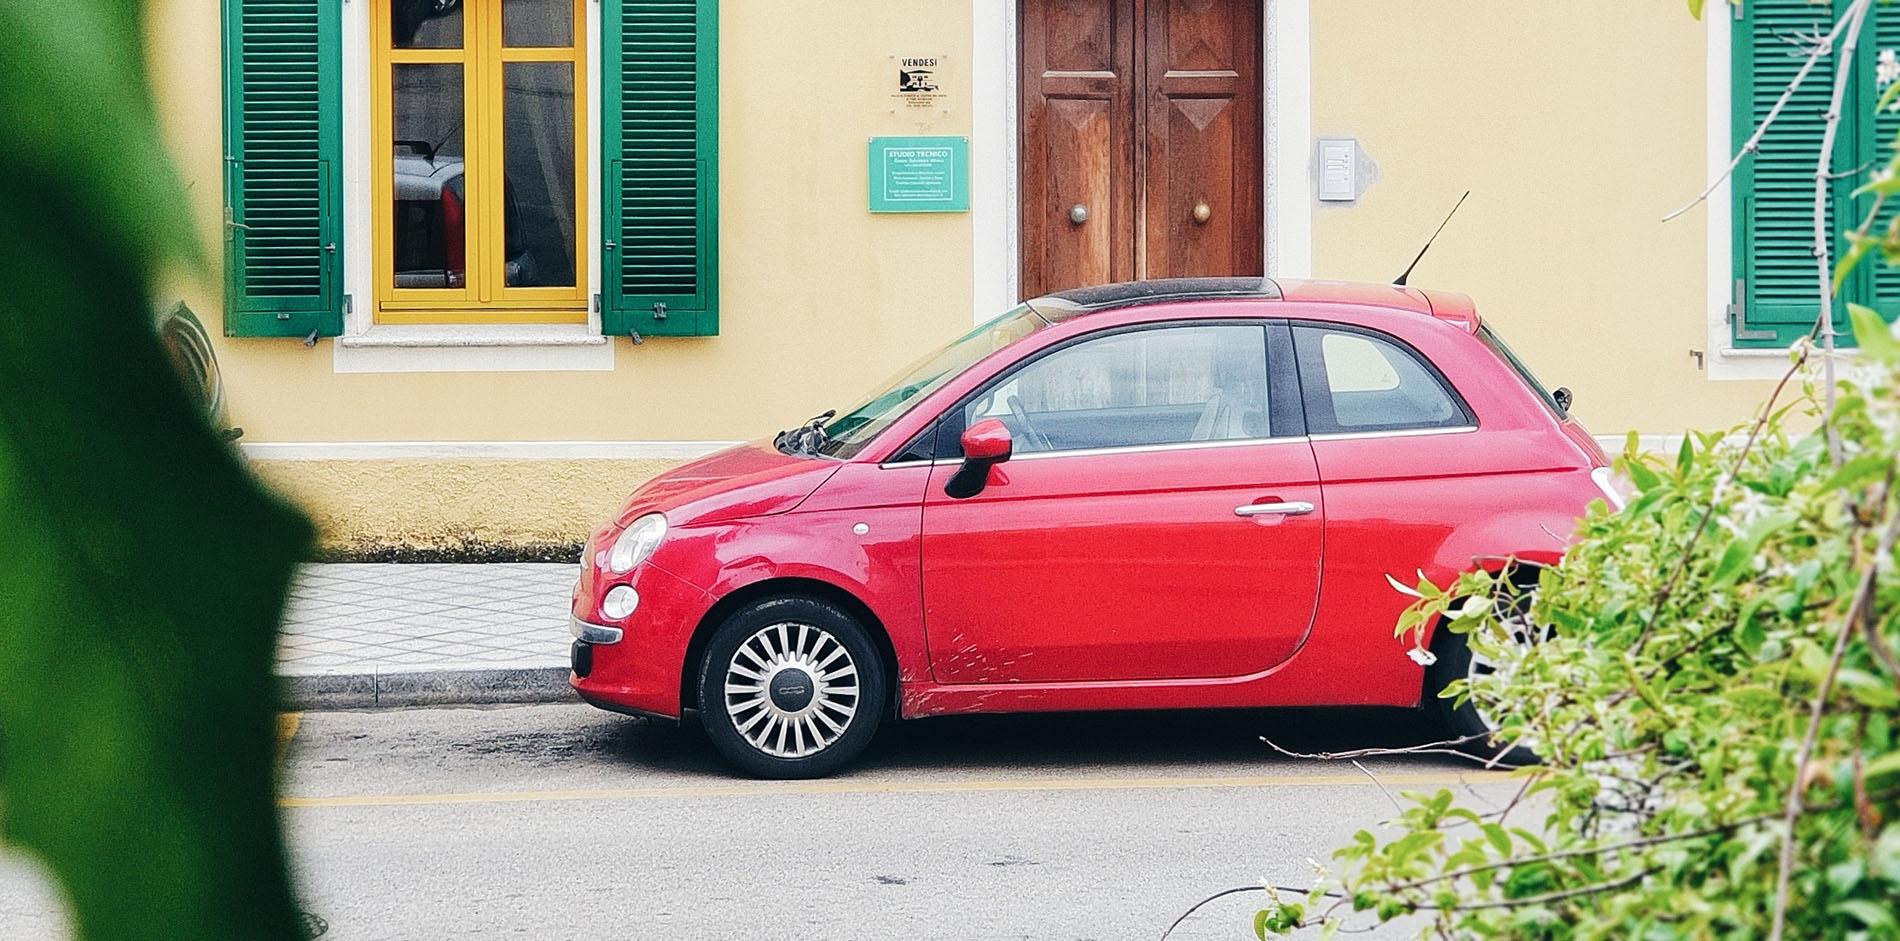 Fiat Gebrauchtwagen bestellen